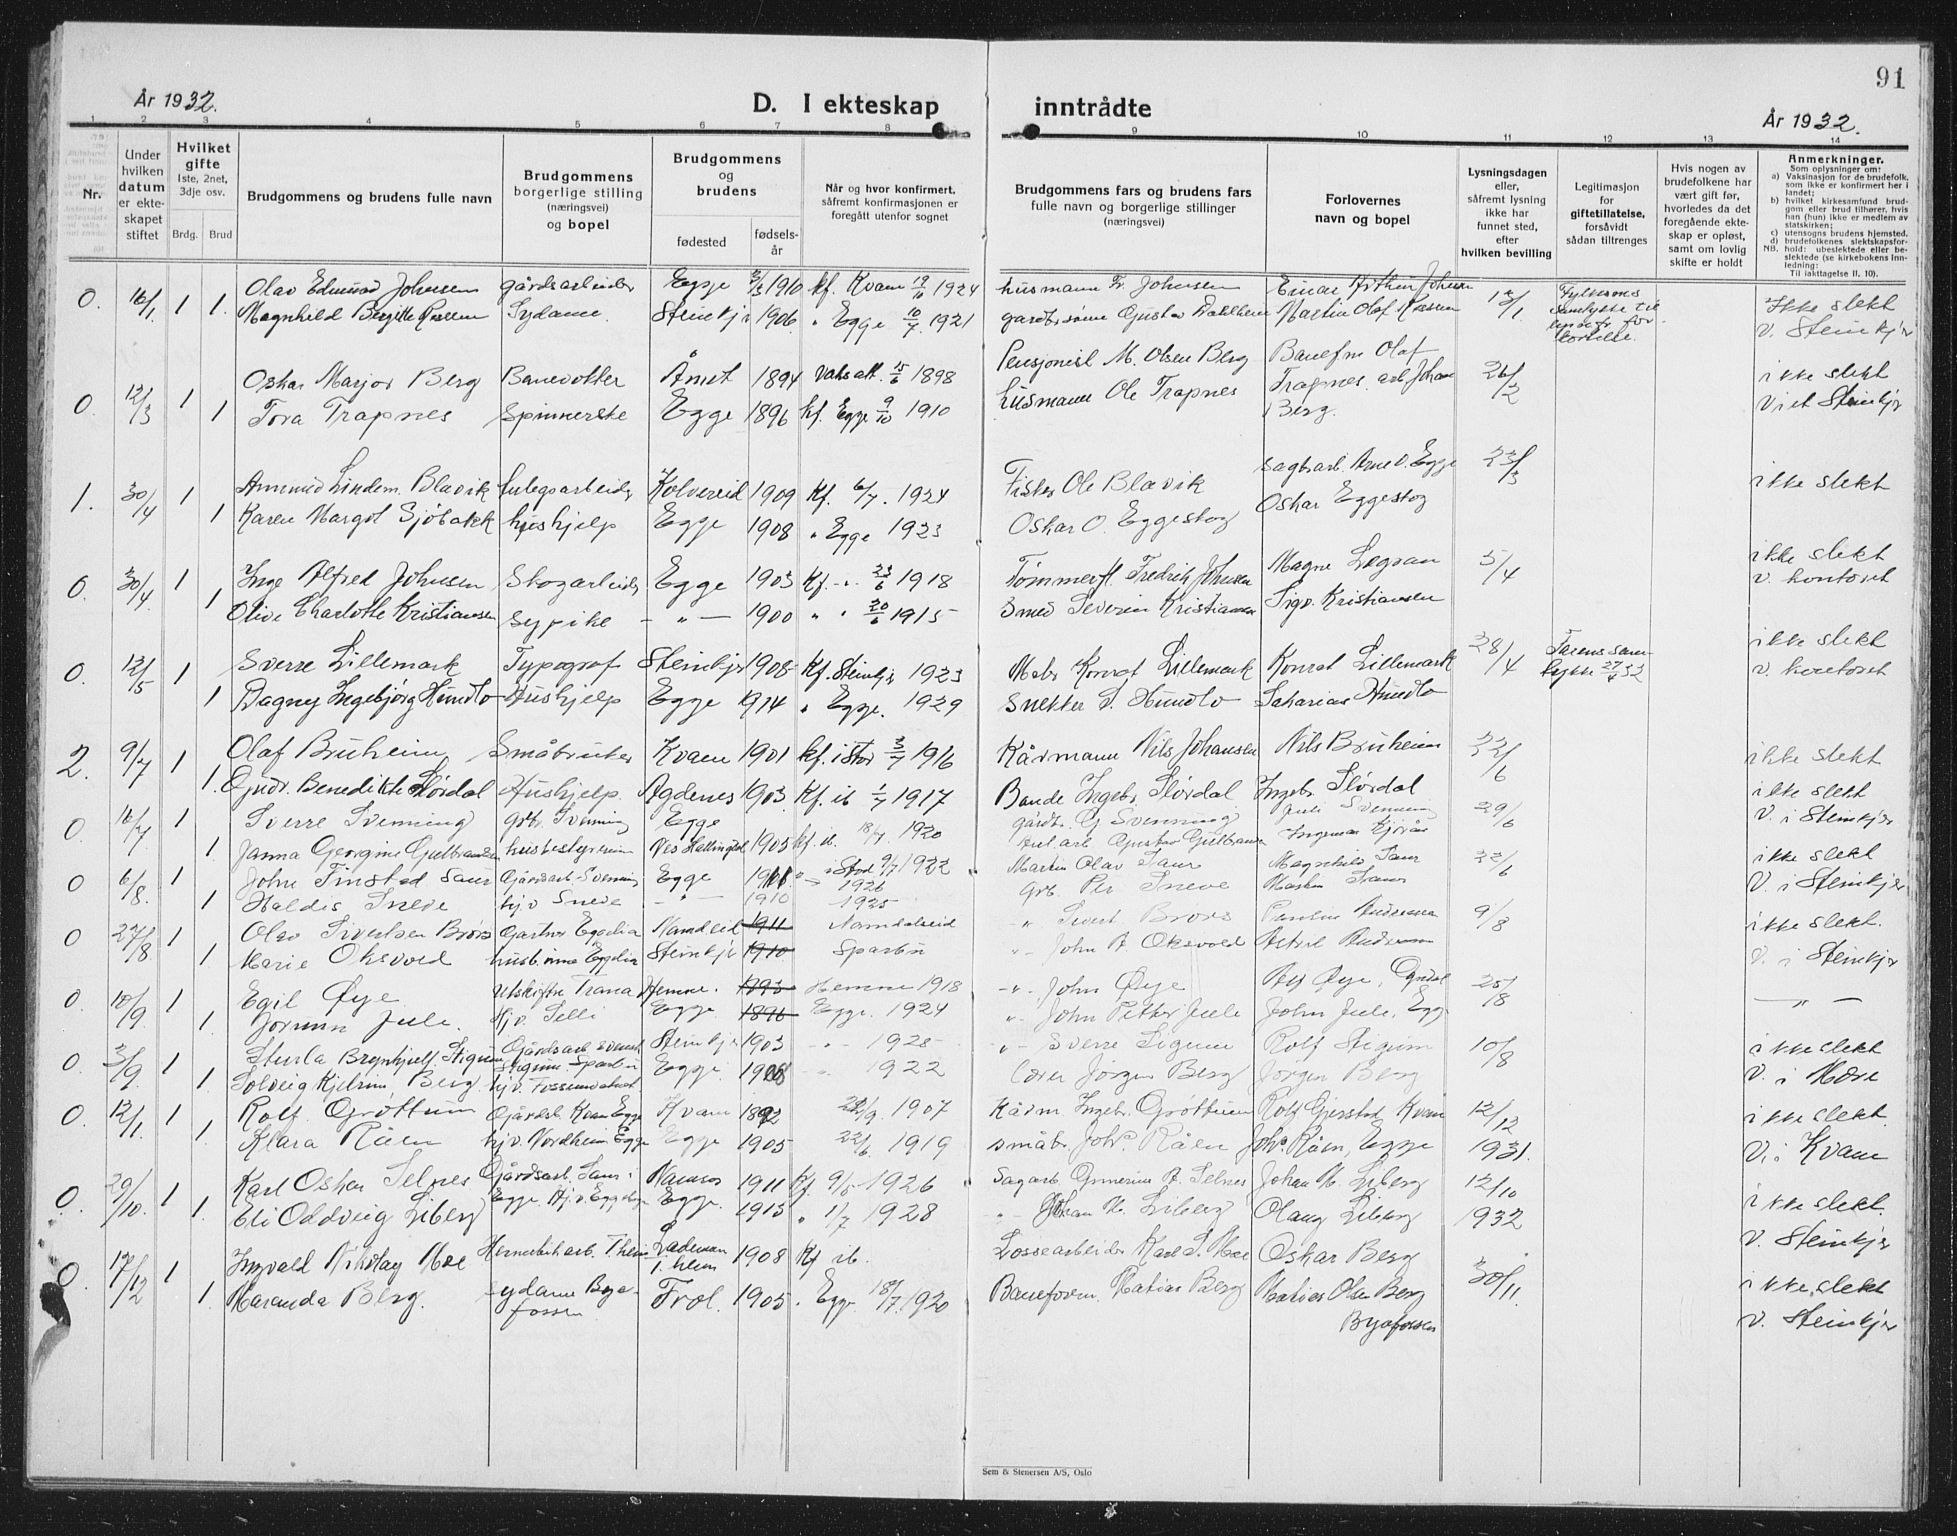 SAT, Ministerialprotokoller, klokkerbøker og fødselsregistre - Nord-Trøndelag, 740/L0383: Klokkerbok nr. 740C04, 1927-1939, s. 91